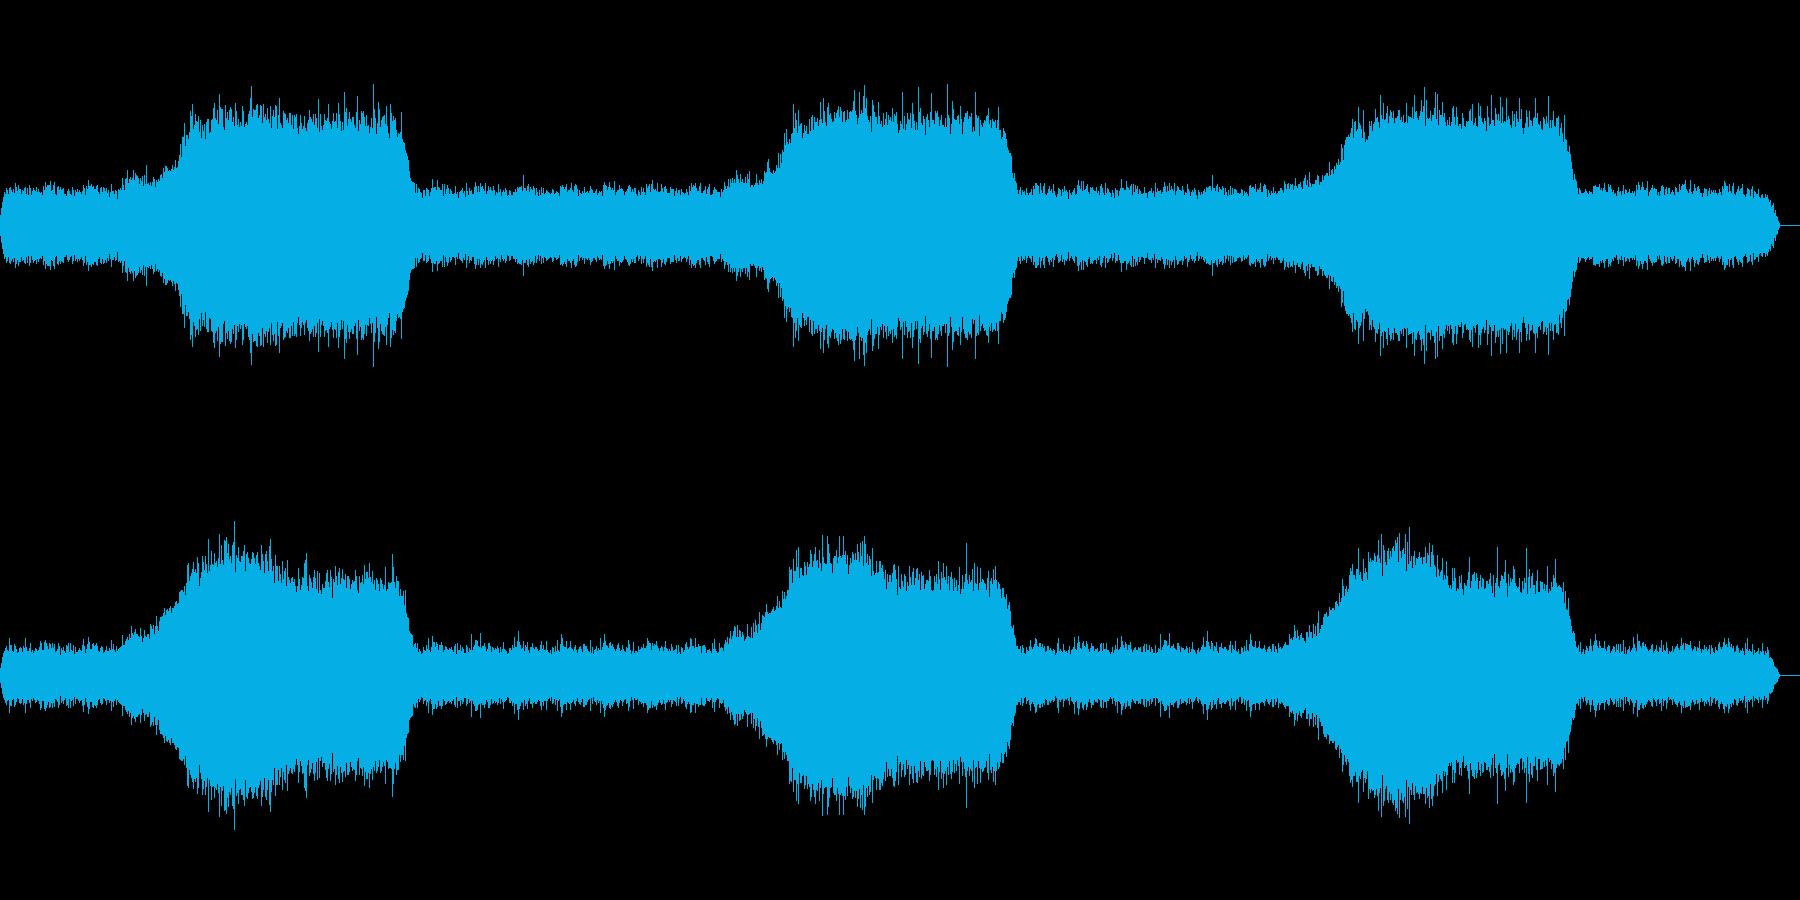 多くの蝉が鳴く場所をバイノーラル録音方…の再生済みの波形